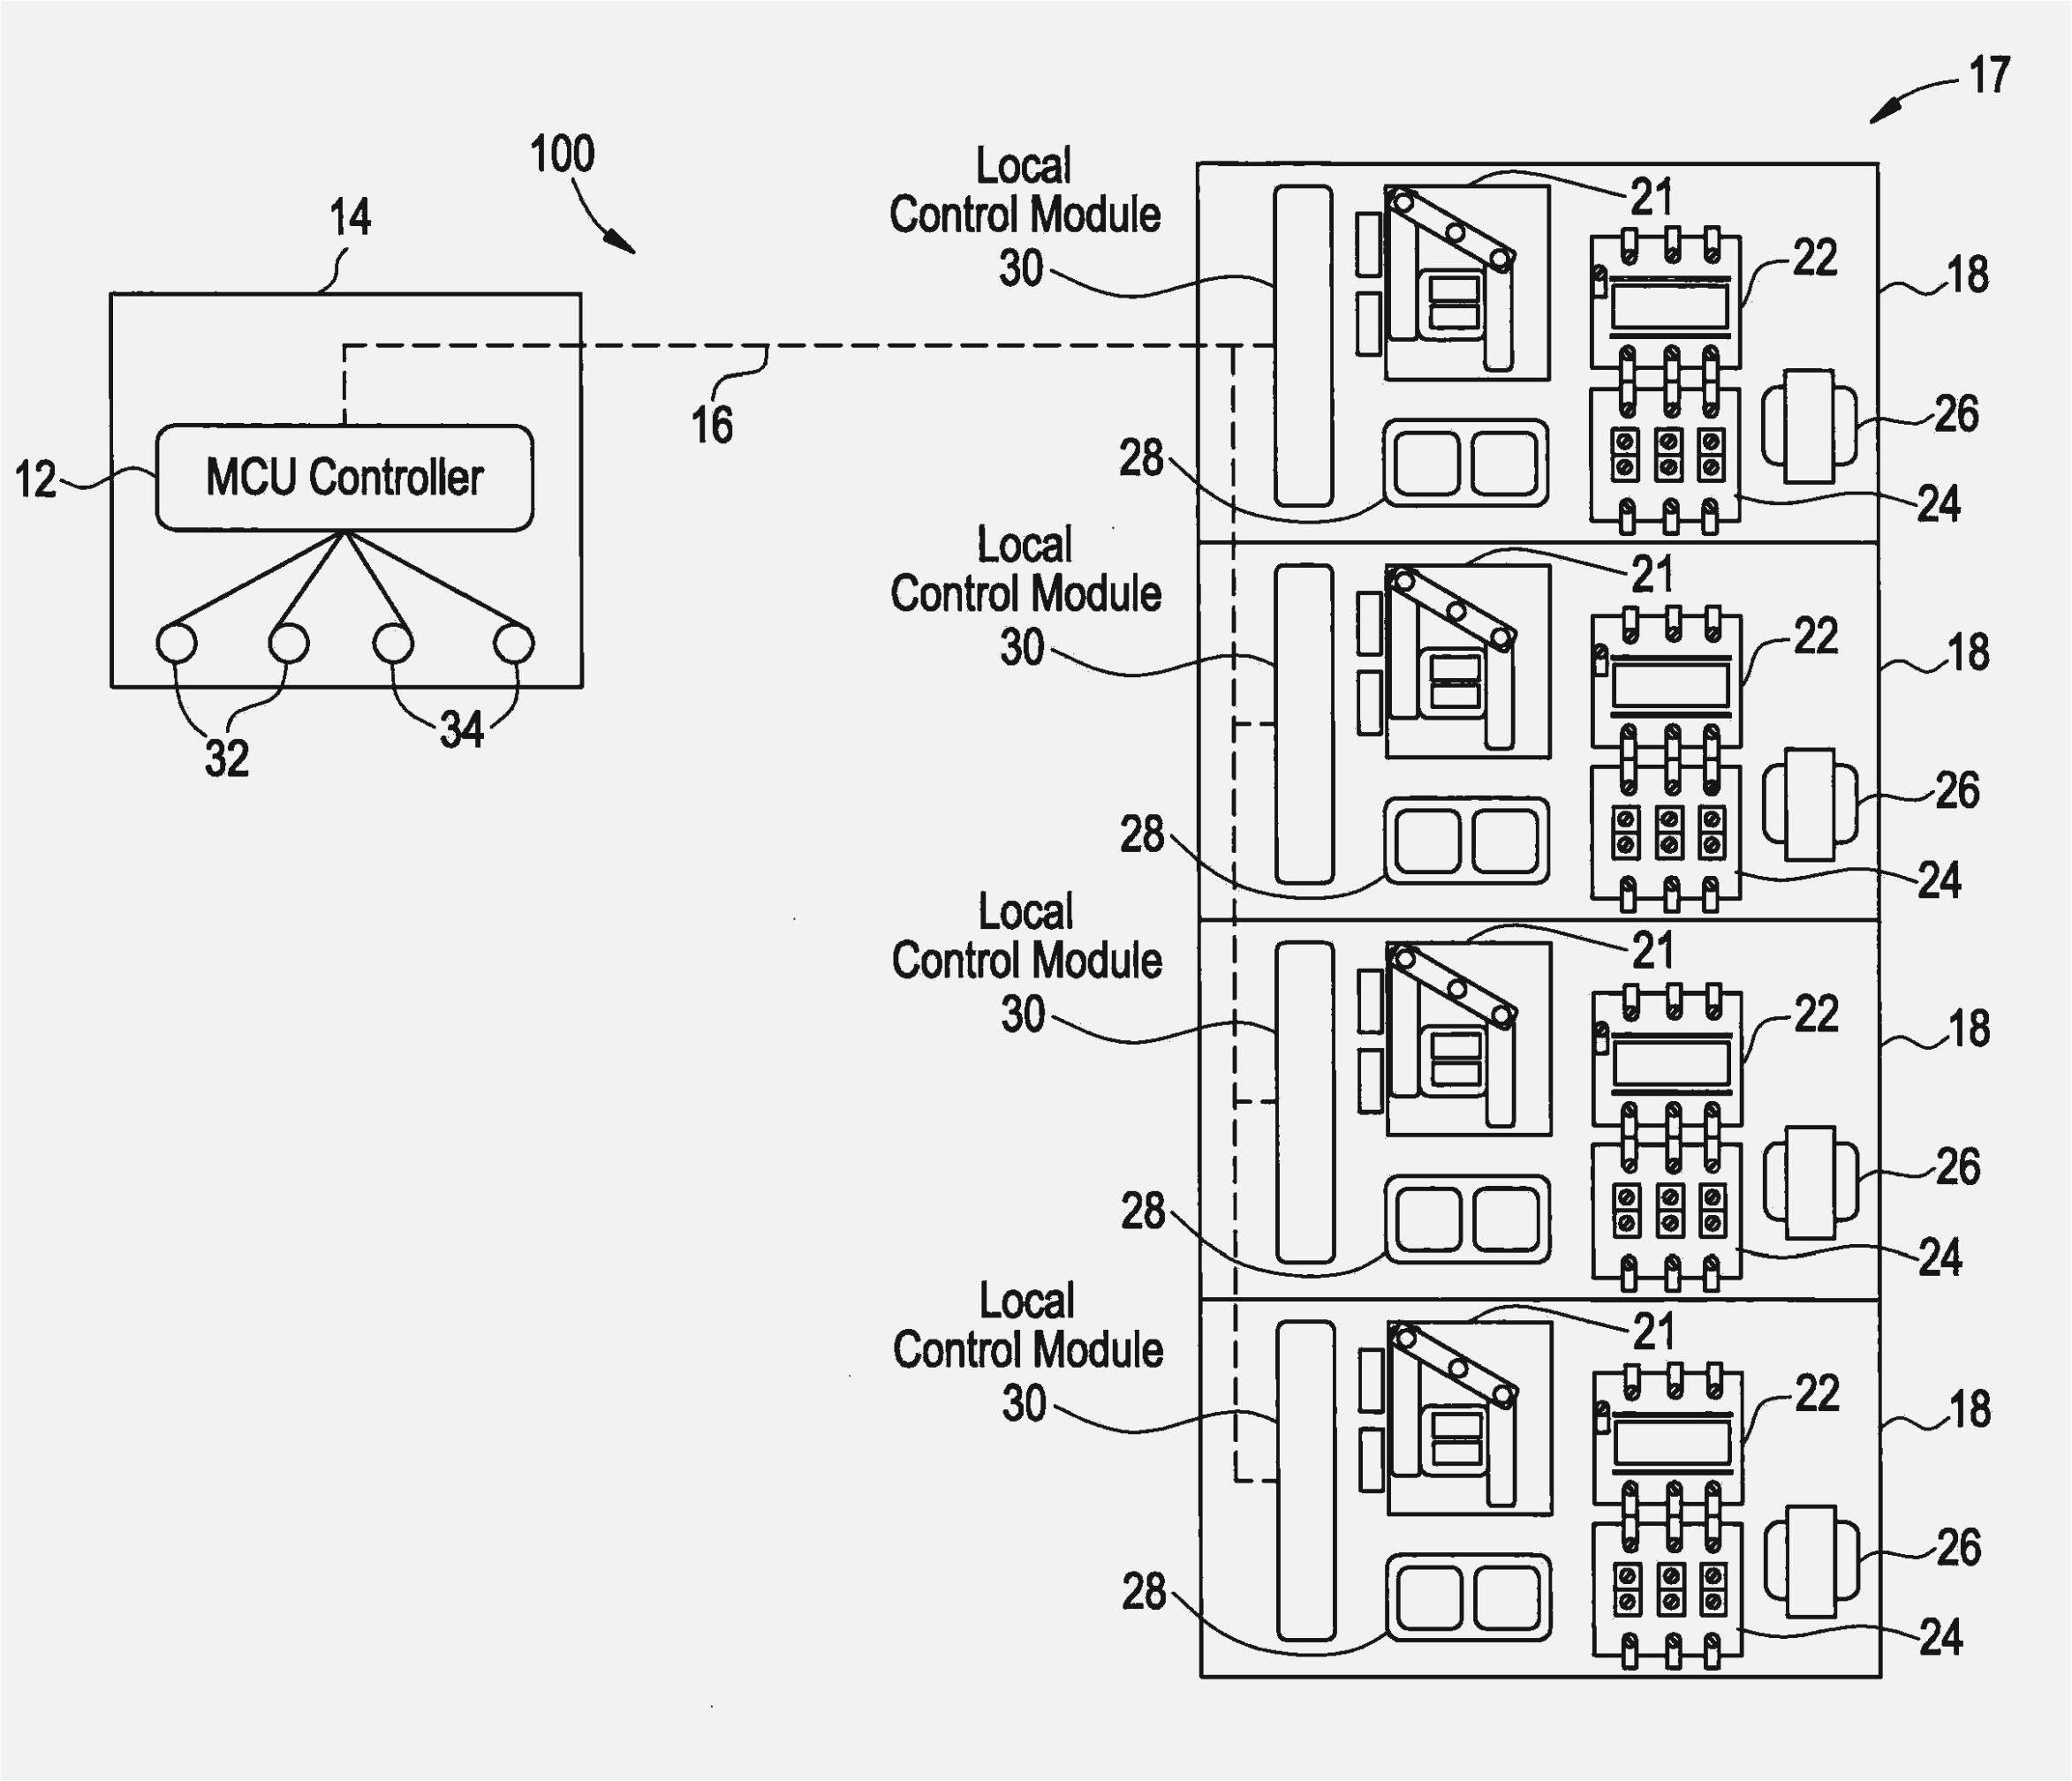 allen bradley vfd wiring diagram wiring libraryallen bradley motor starter wiring diagram reference fine allen